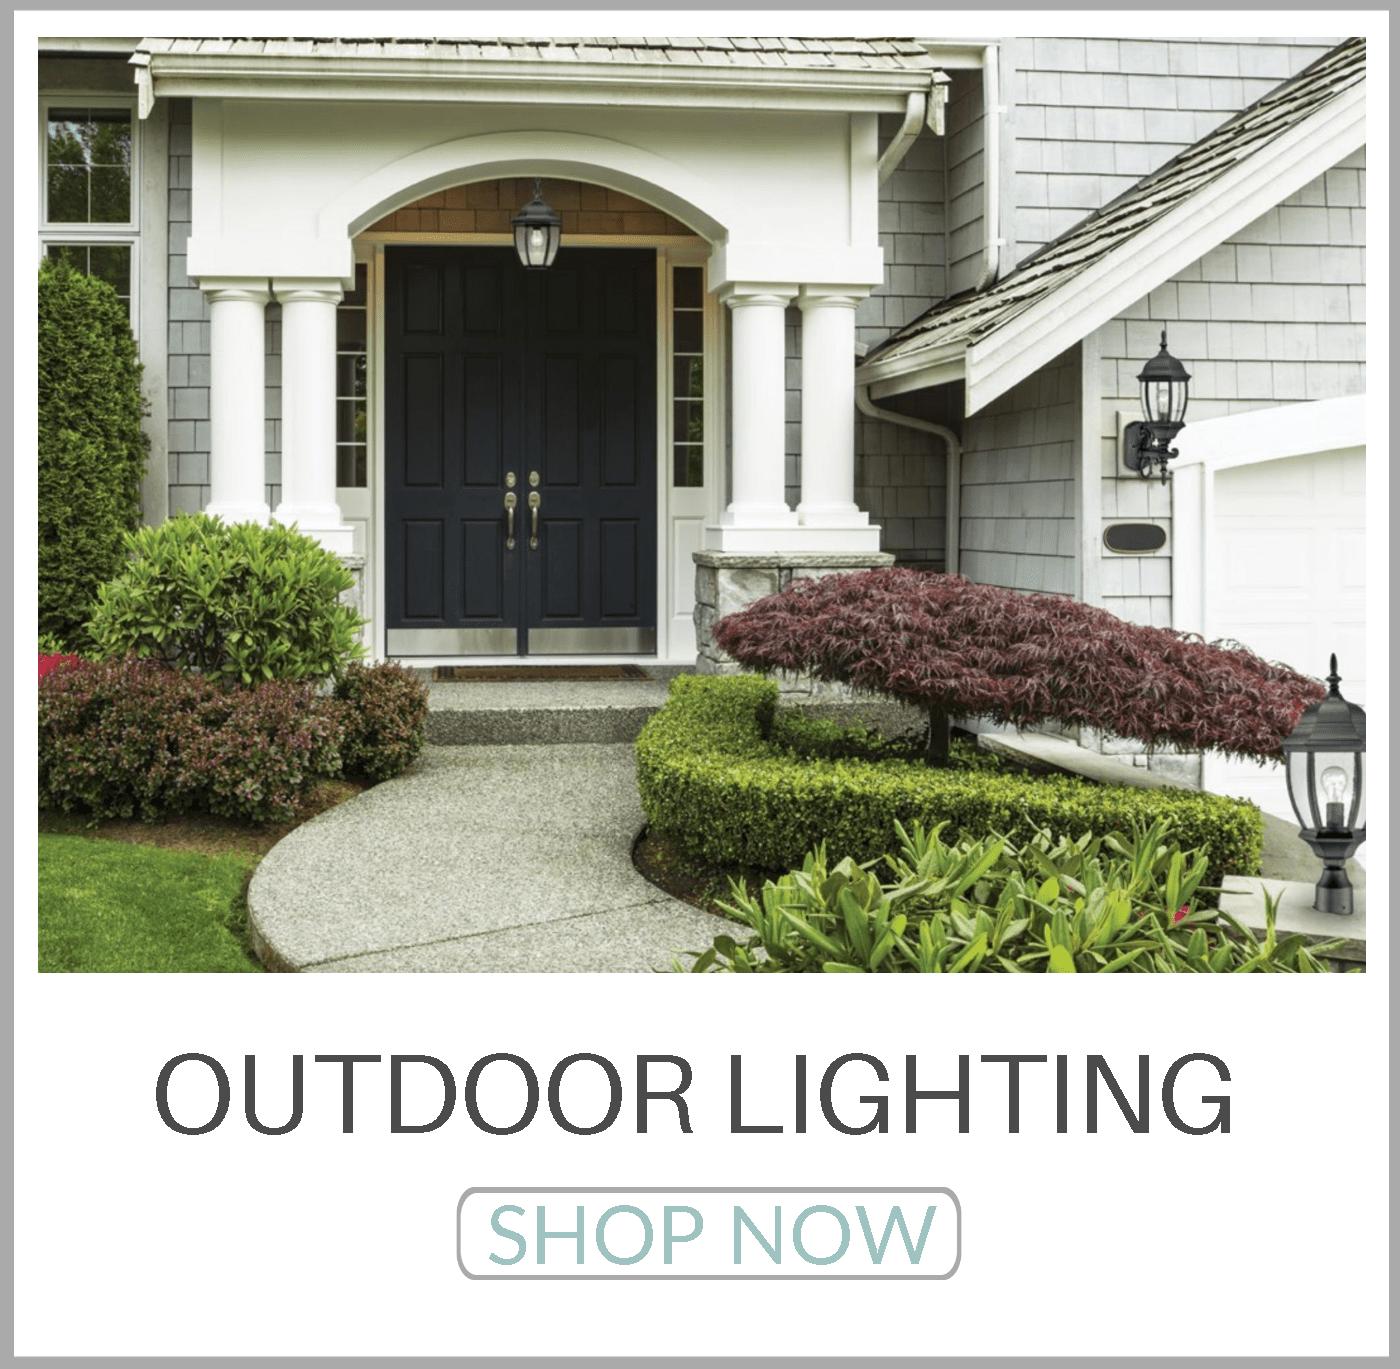 Outdoor Lighting SHOP NOW